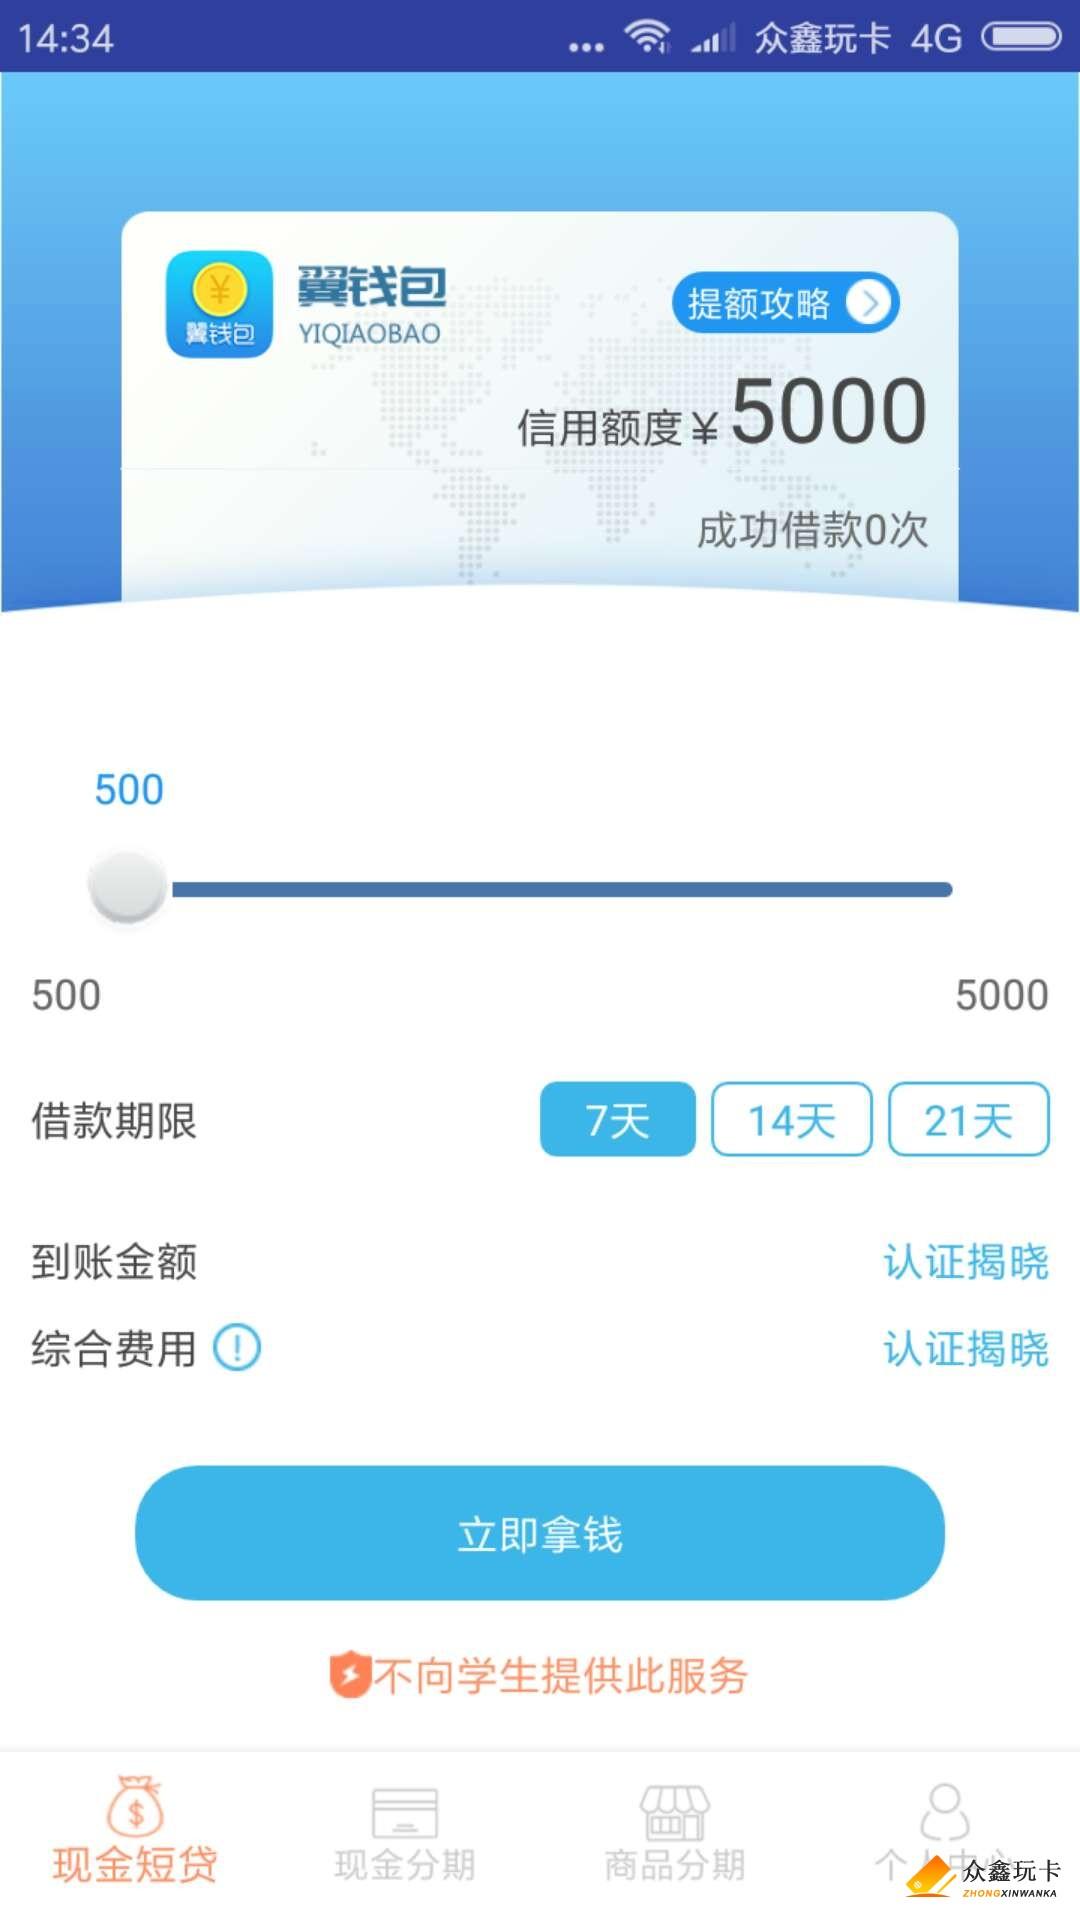 翼钱包:资料简单,5000元极速到账!